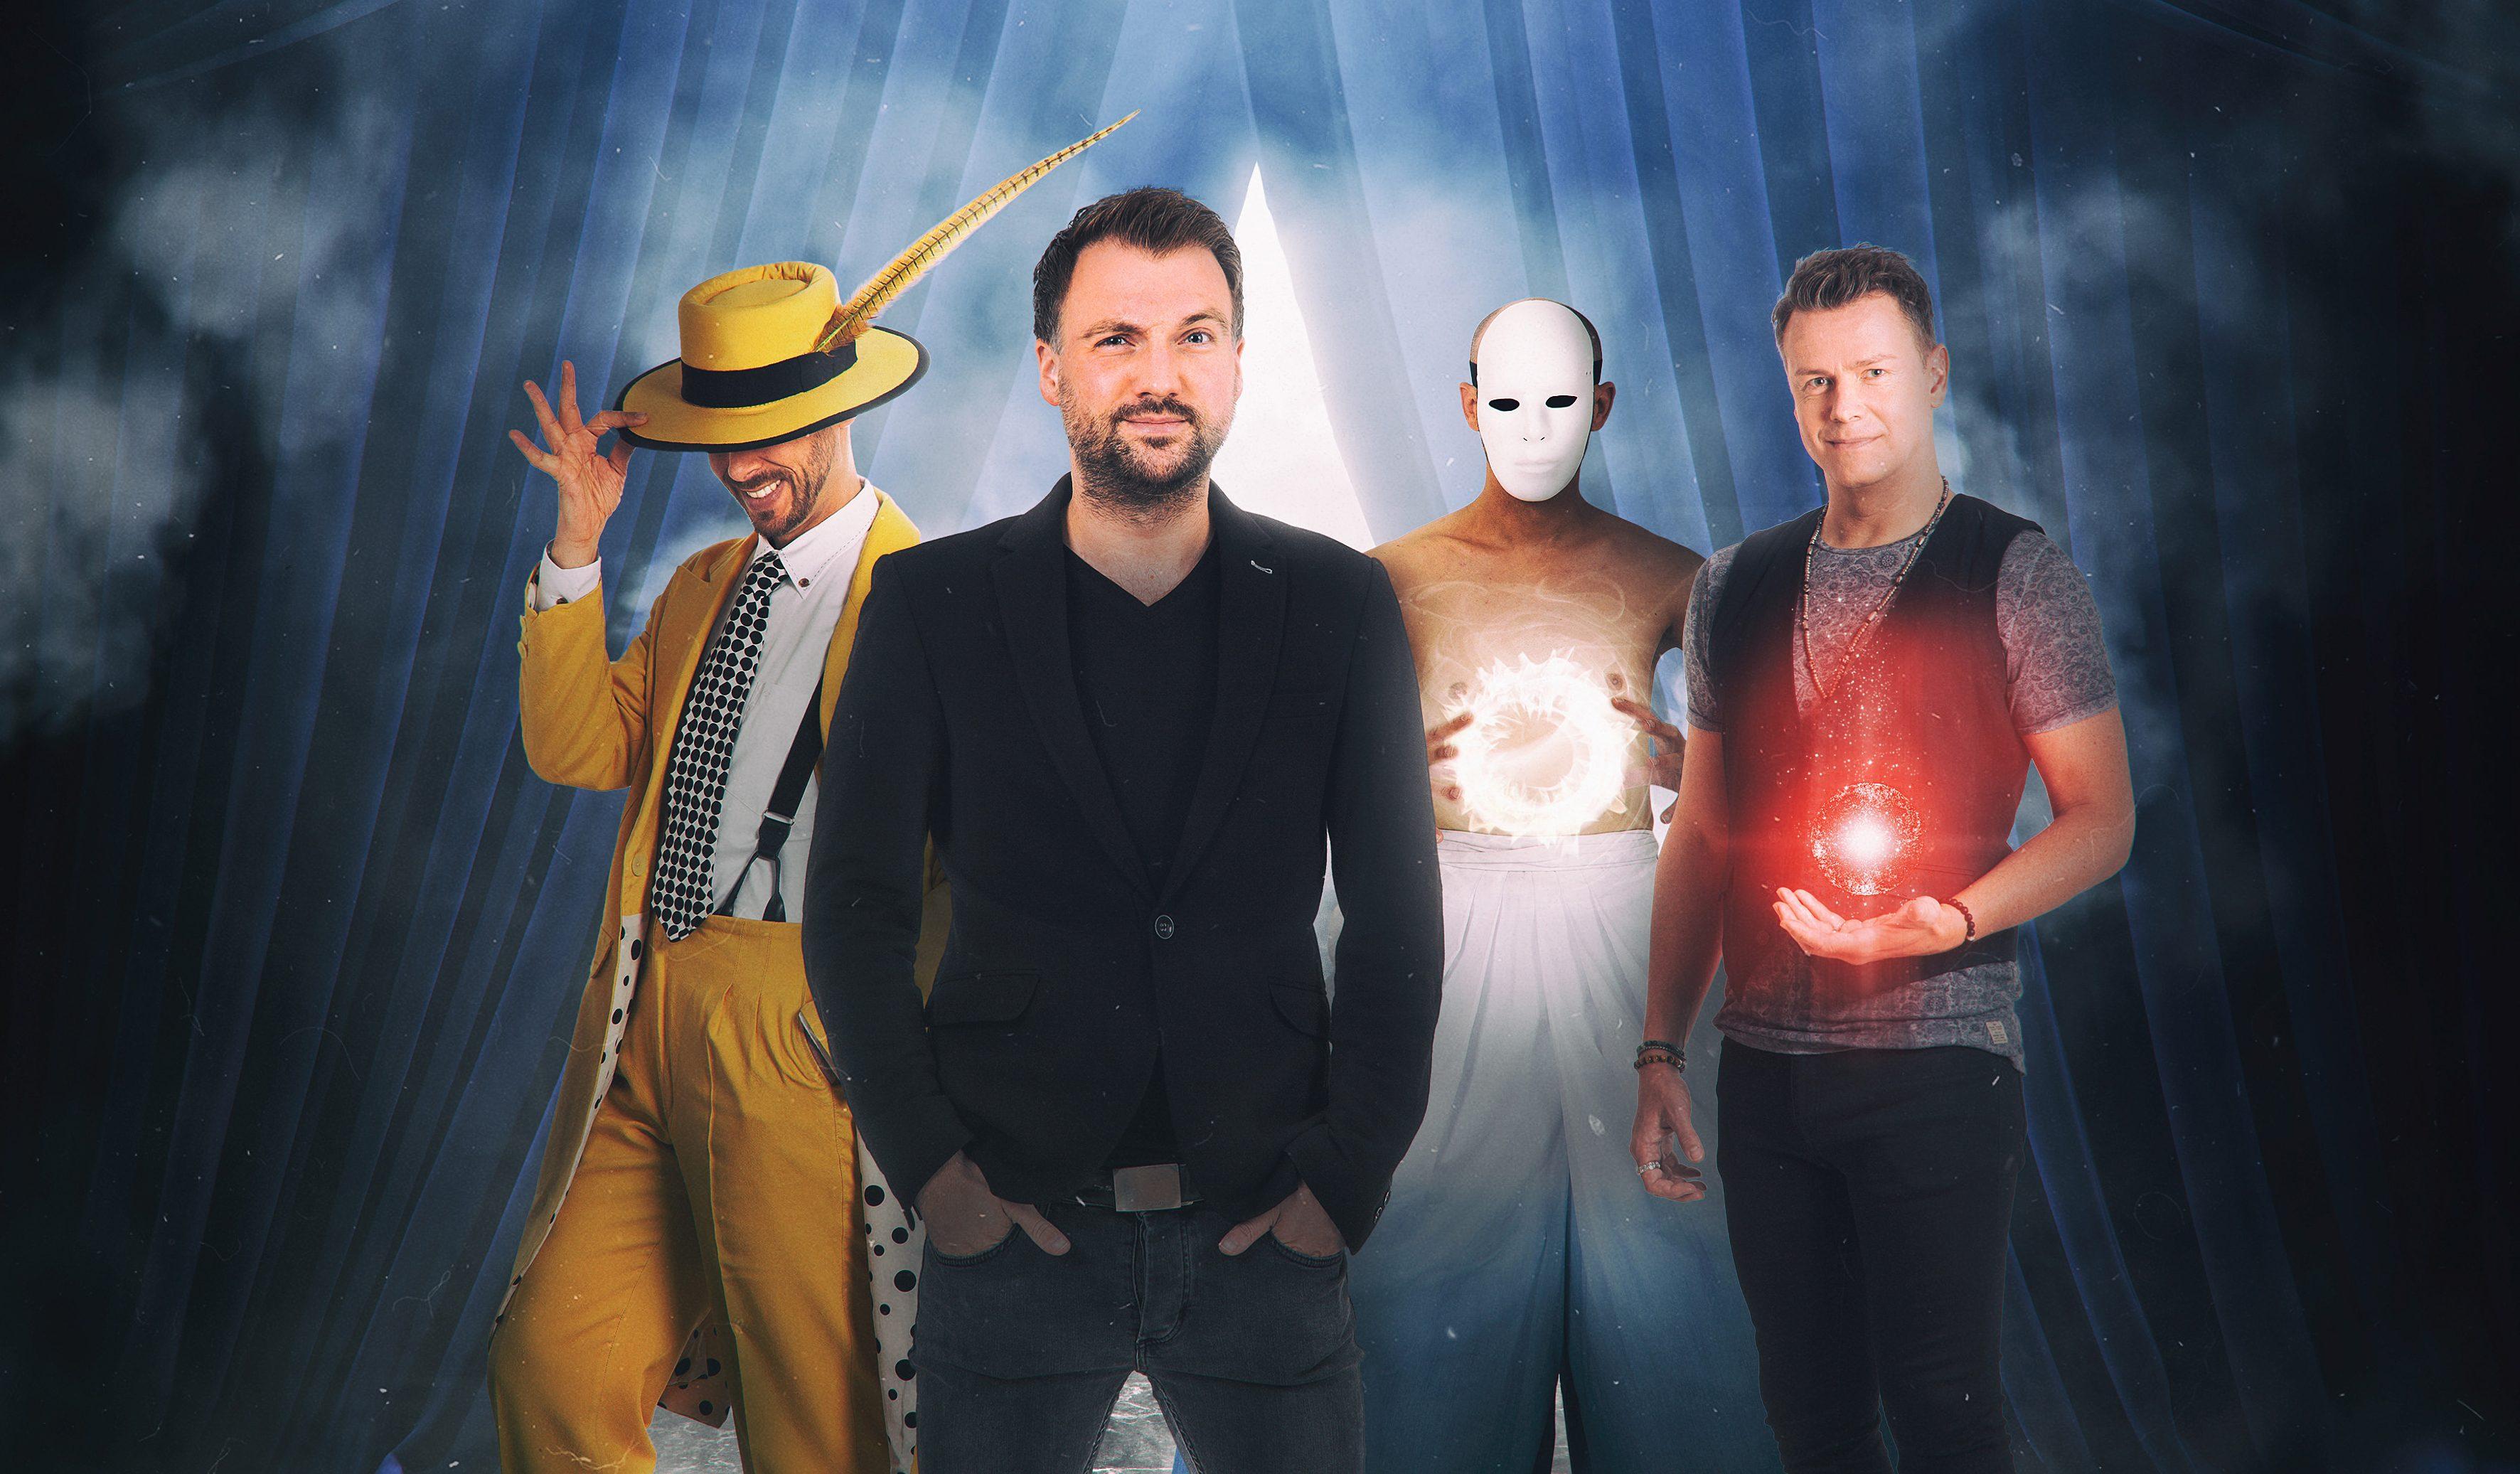 Magier-Show – Die Magier 2.0